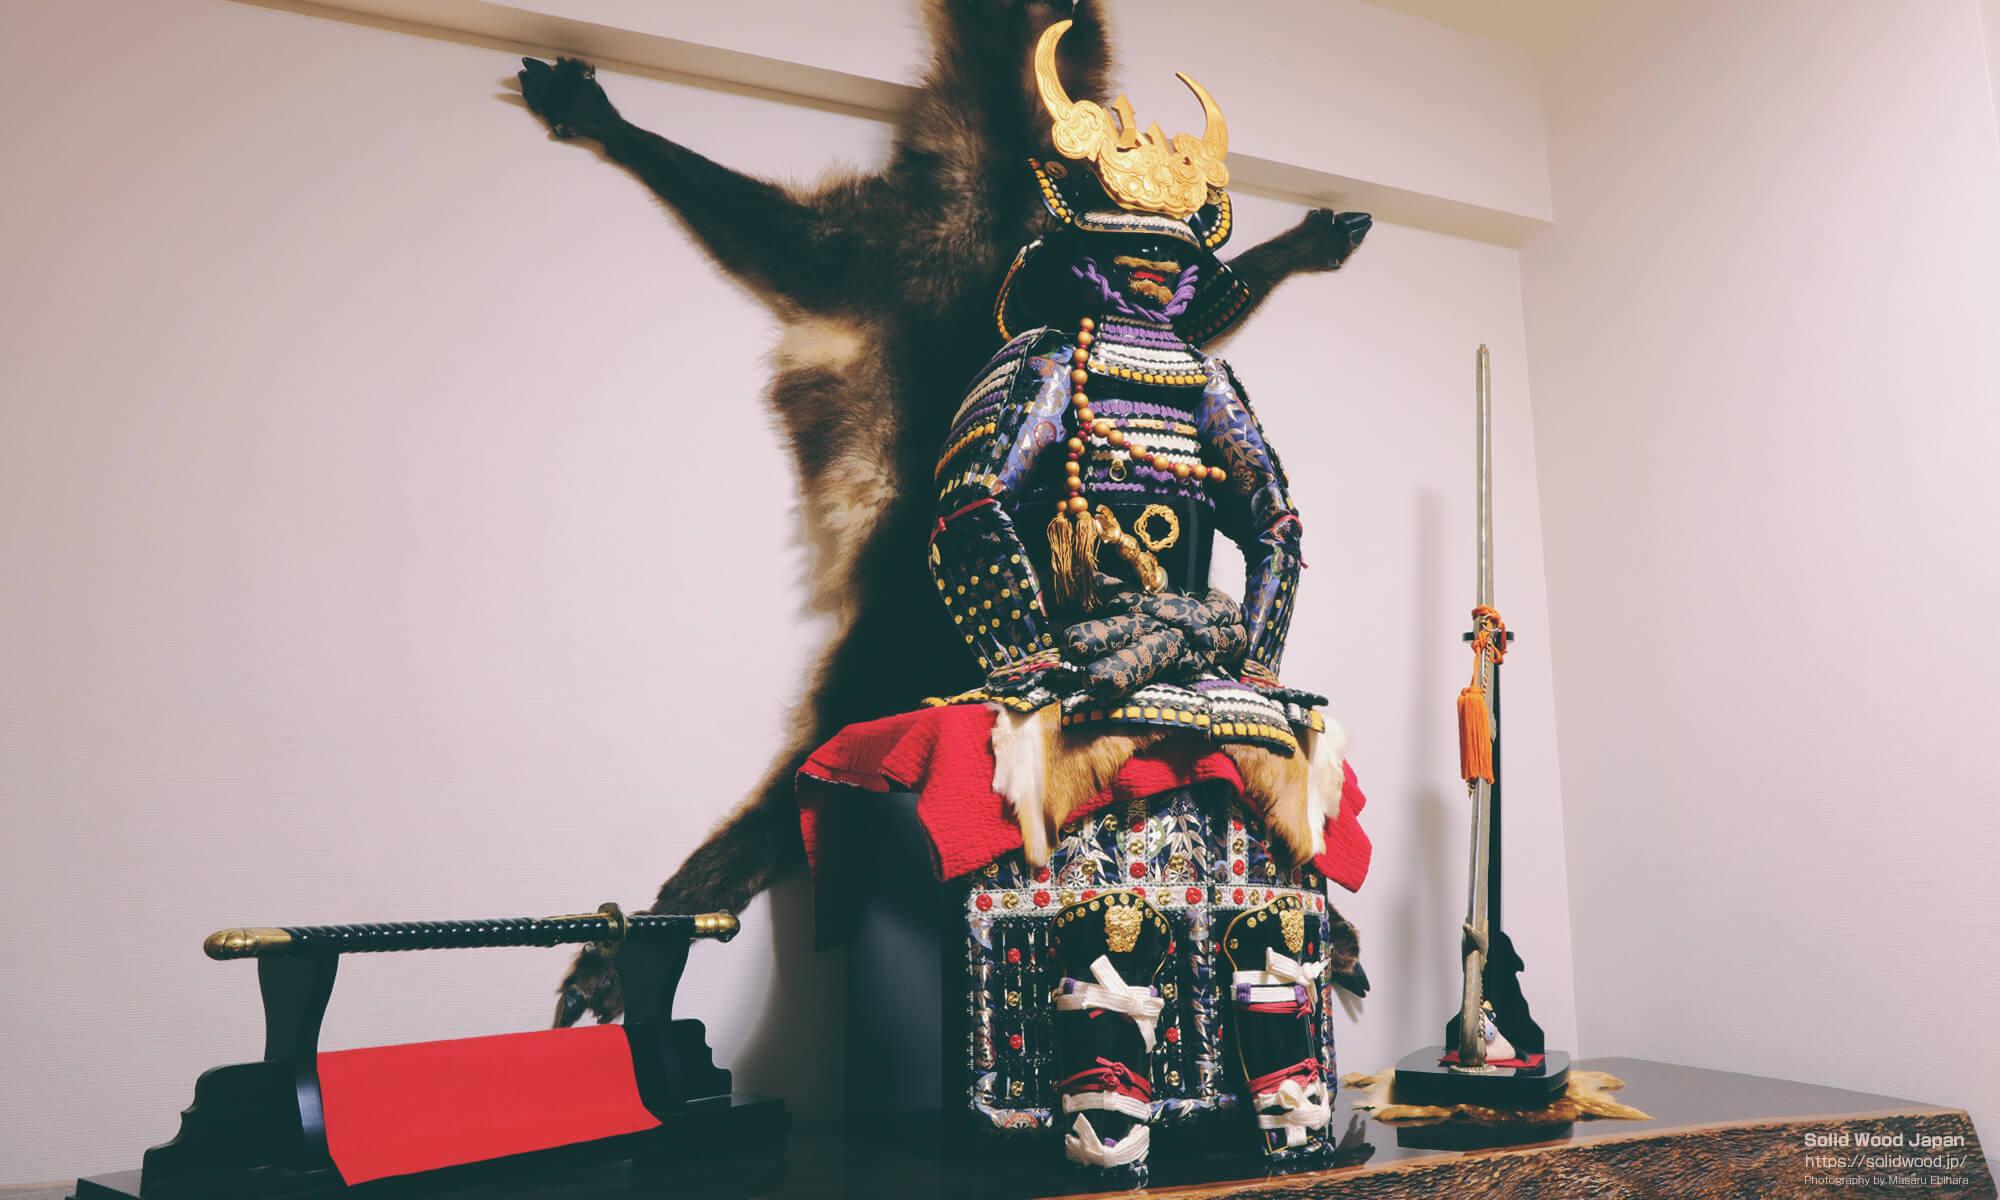 風水用(魔除け用)に設置している甲冑と日本刀